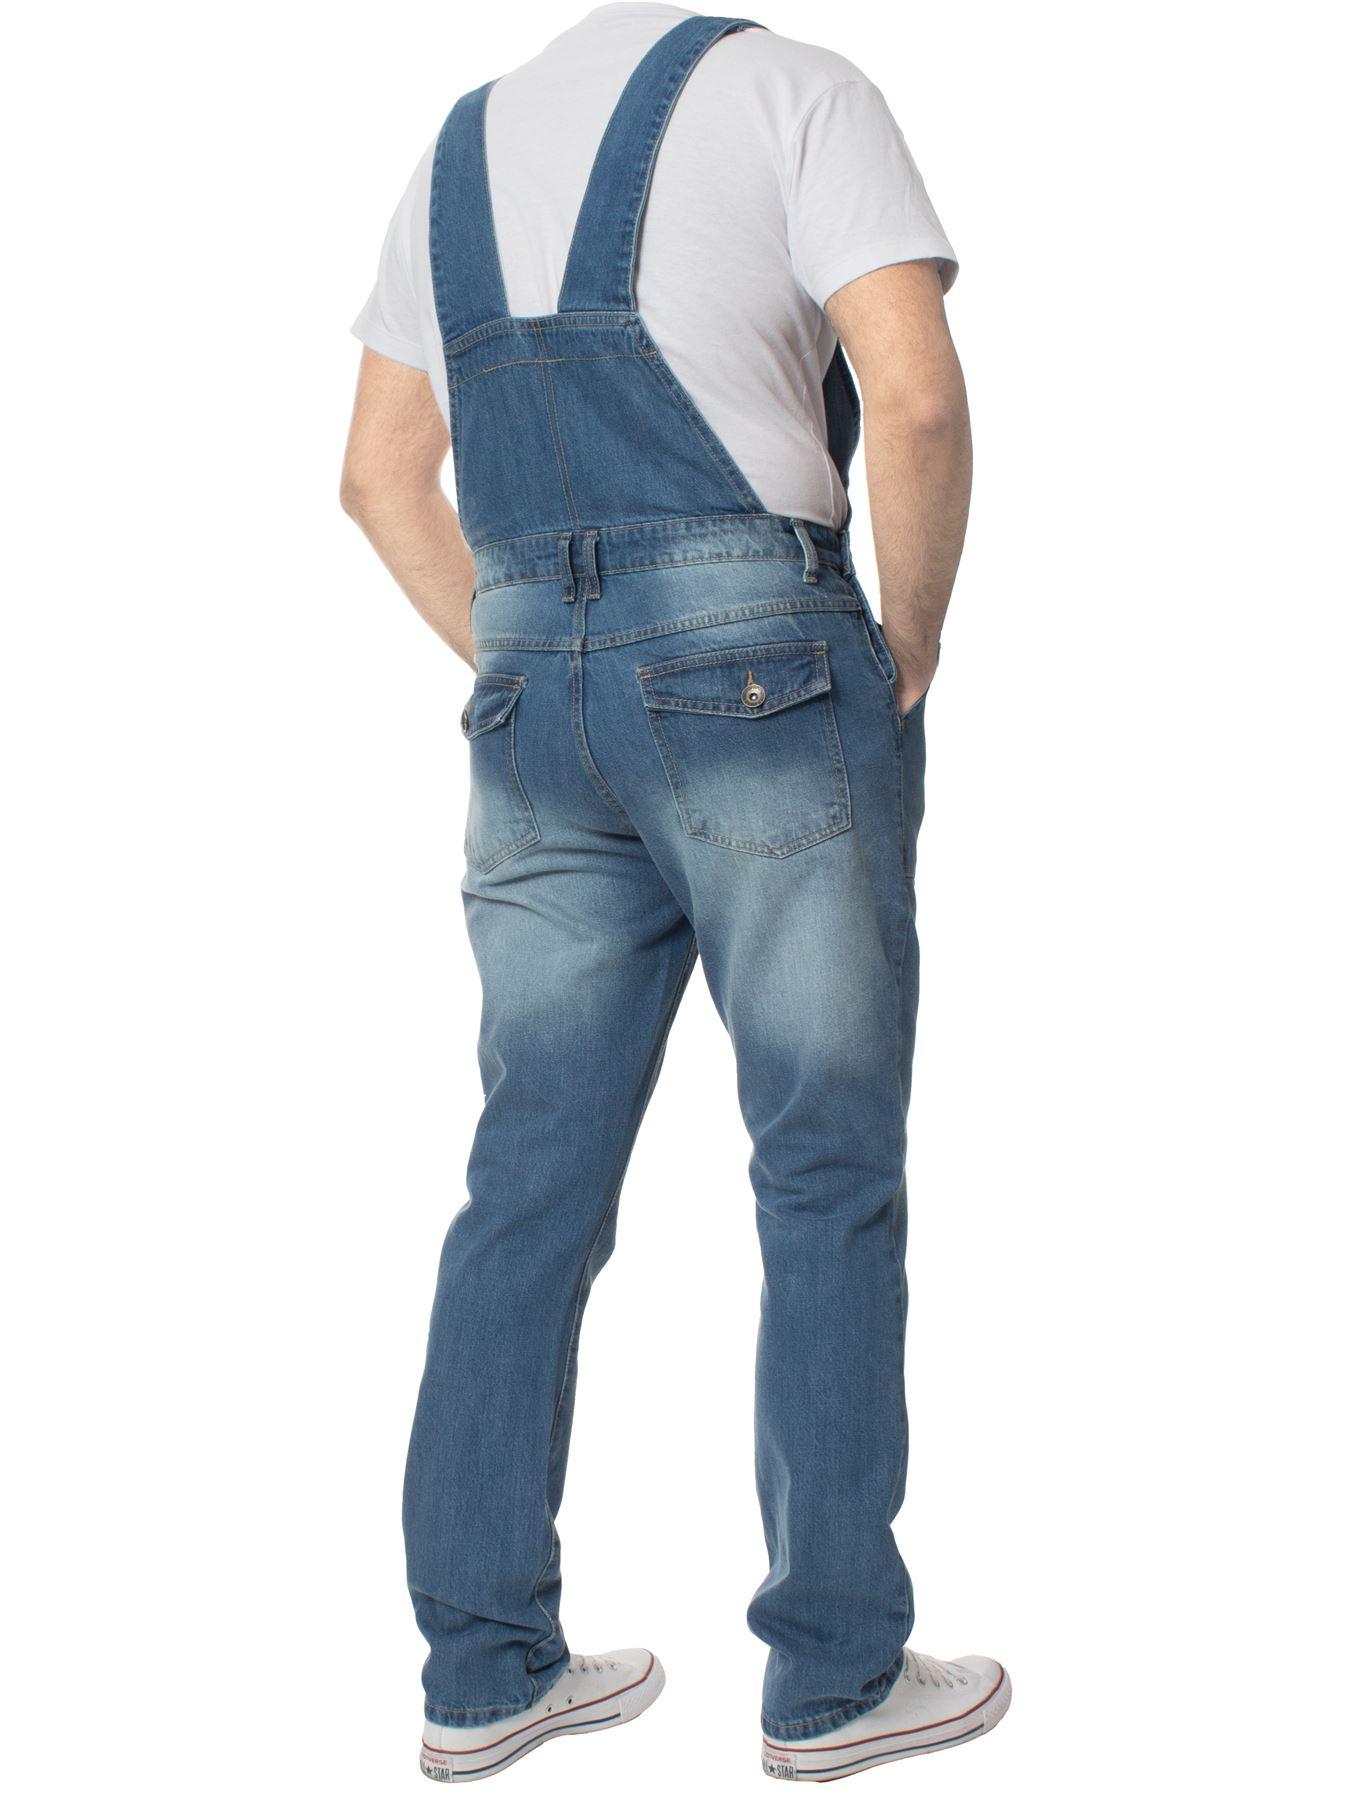 ENZO-Jeans-Hombre-Denim-Azul-Peto-Peto-overoles-Todas-Cinturas-Talla-30-034-50-034 miniatura 4